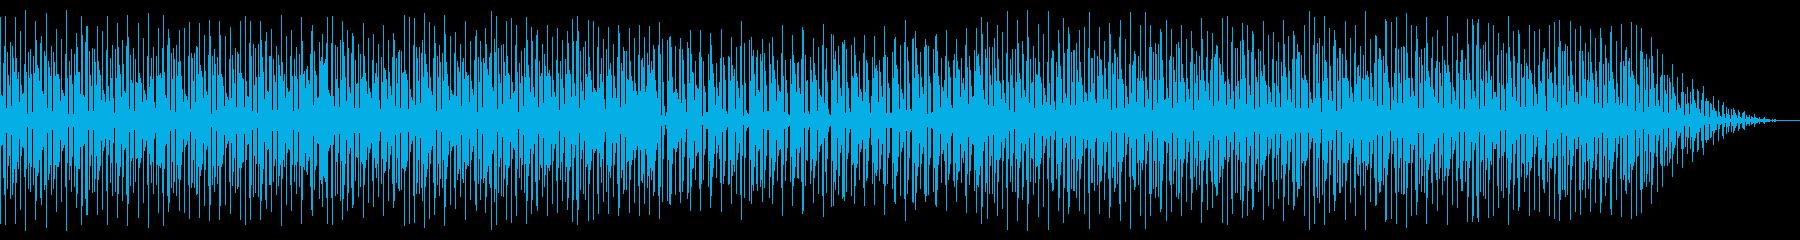 テクノハウス・ダンス・映像・IT系の再生済みの波形